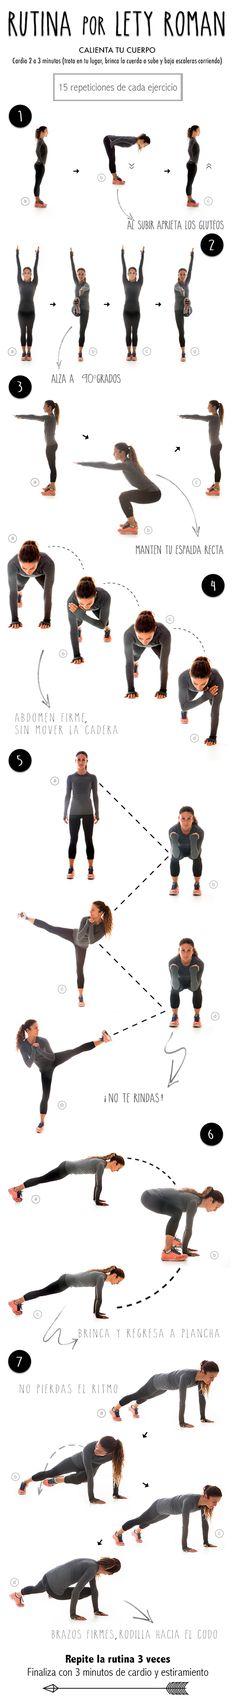 Rutina completa para acompañar a tus ejercicios diarios